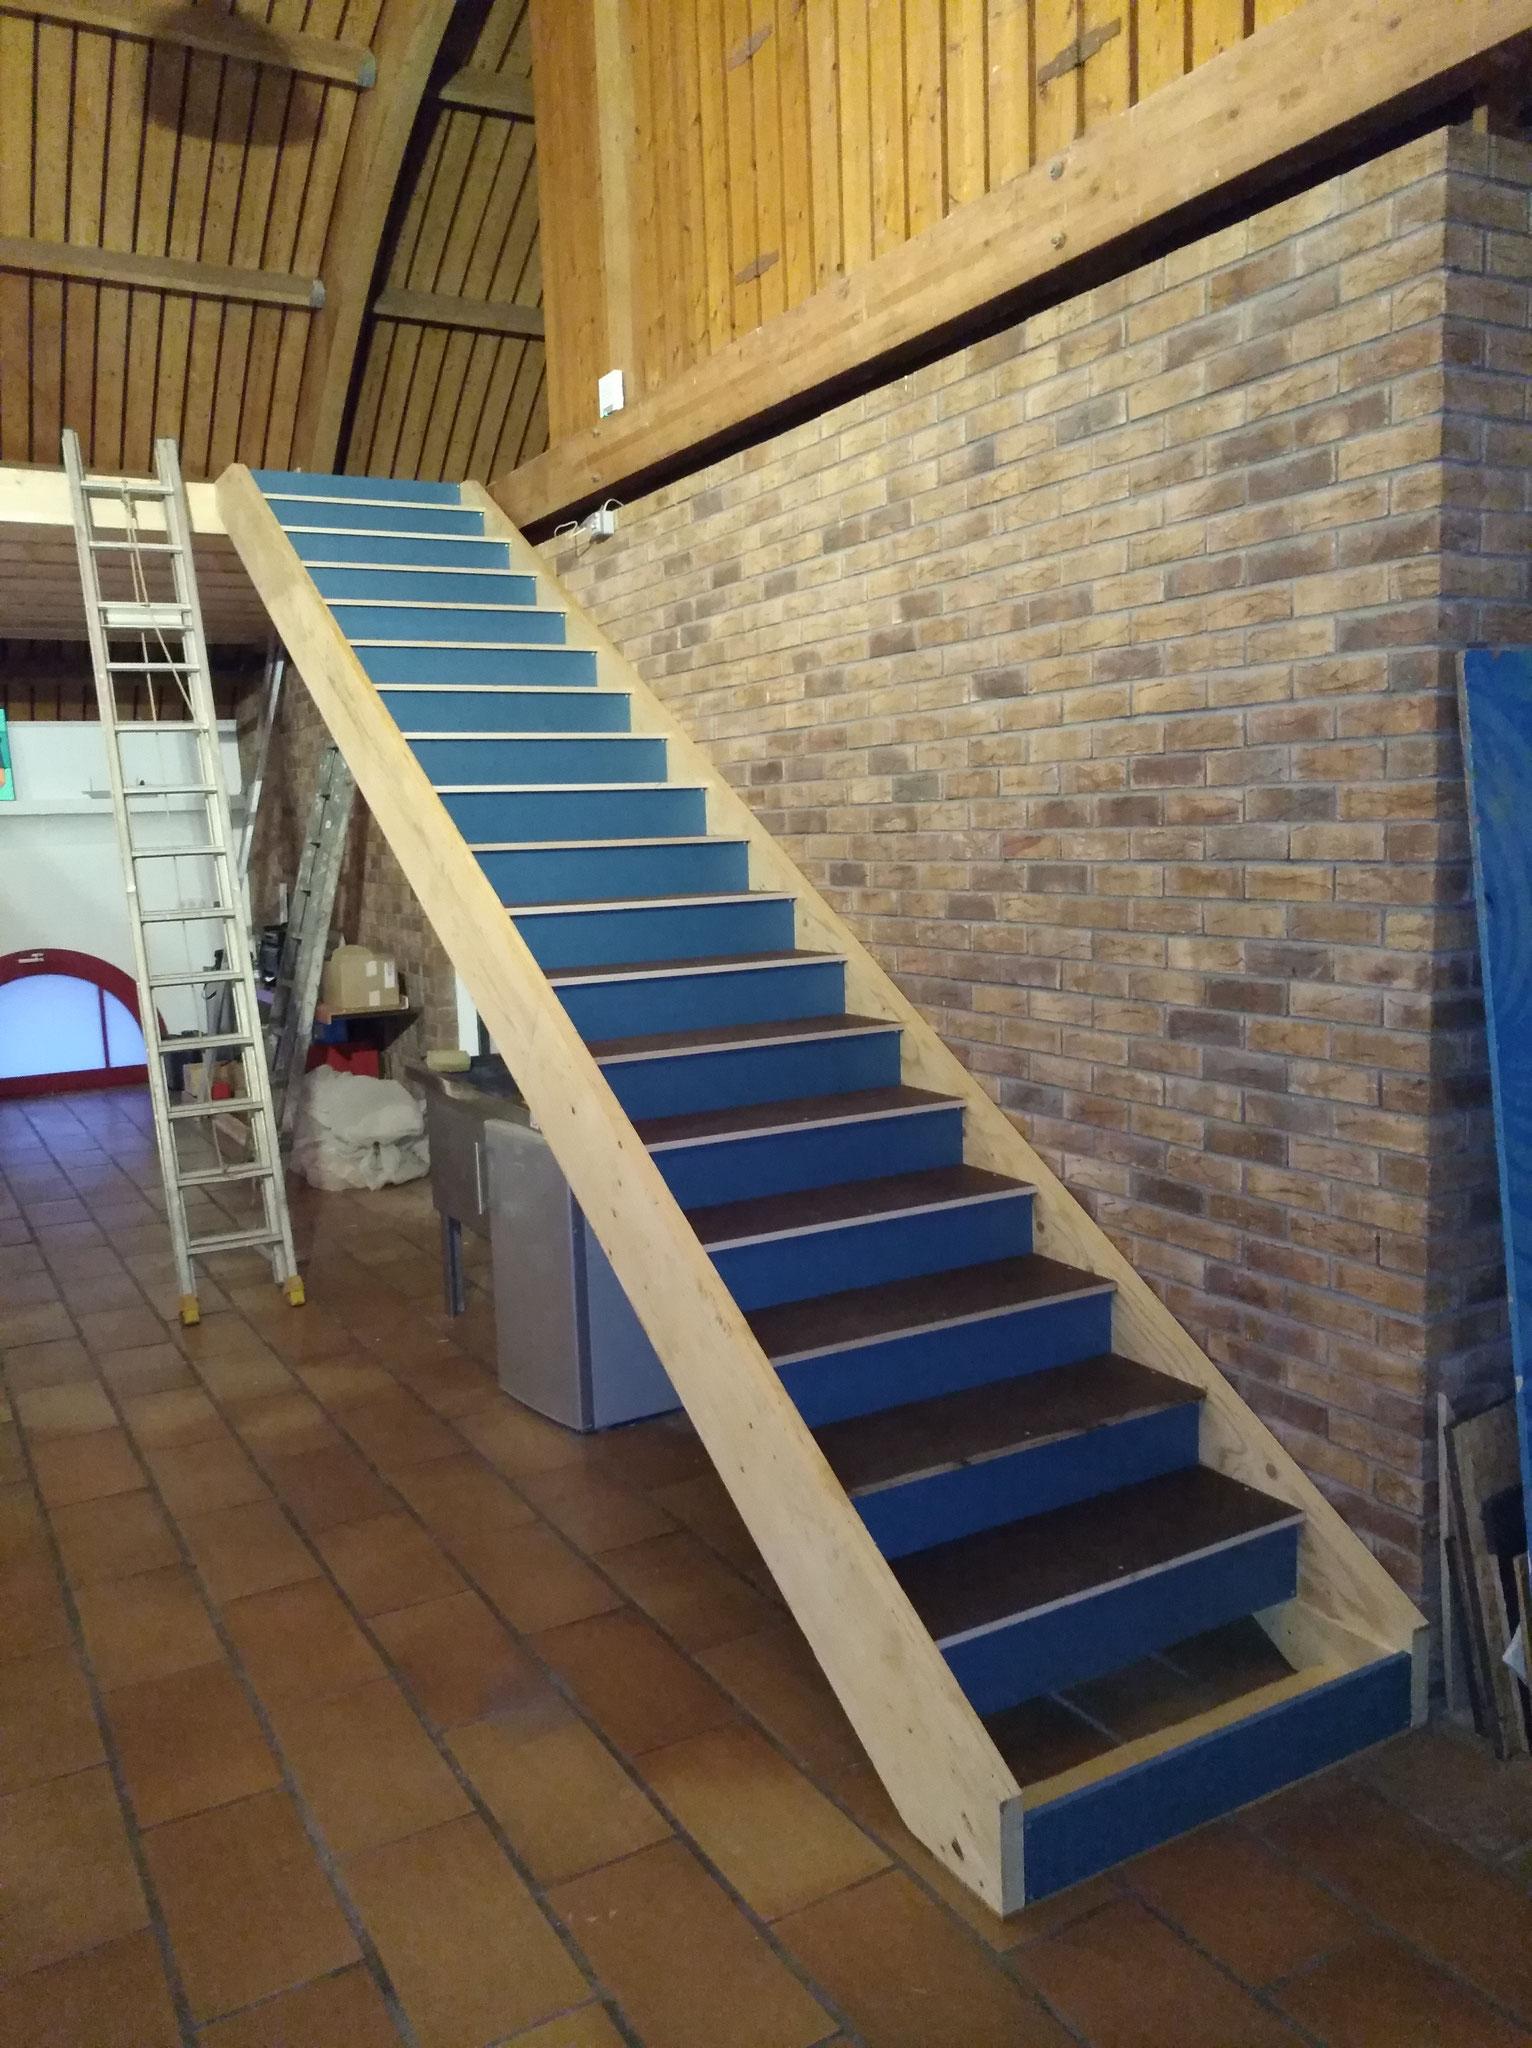 Escalier droit design